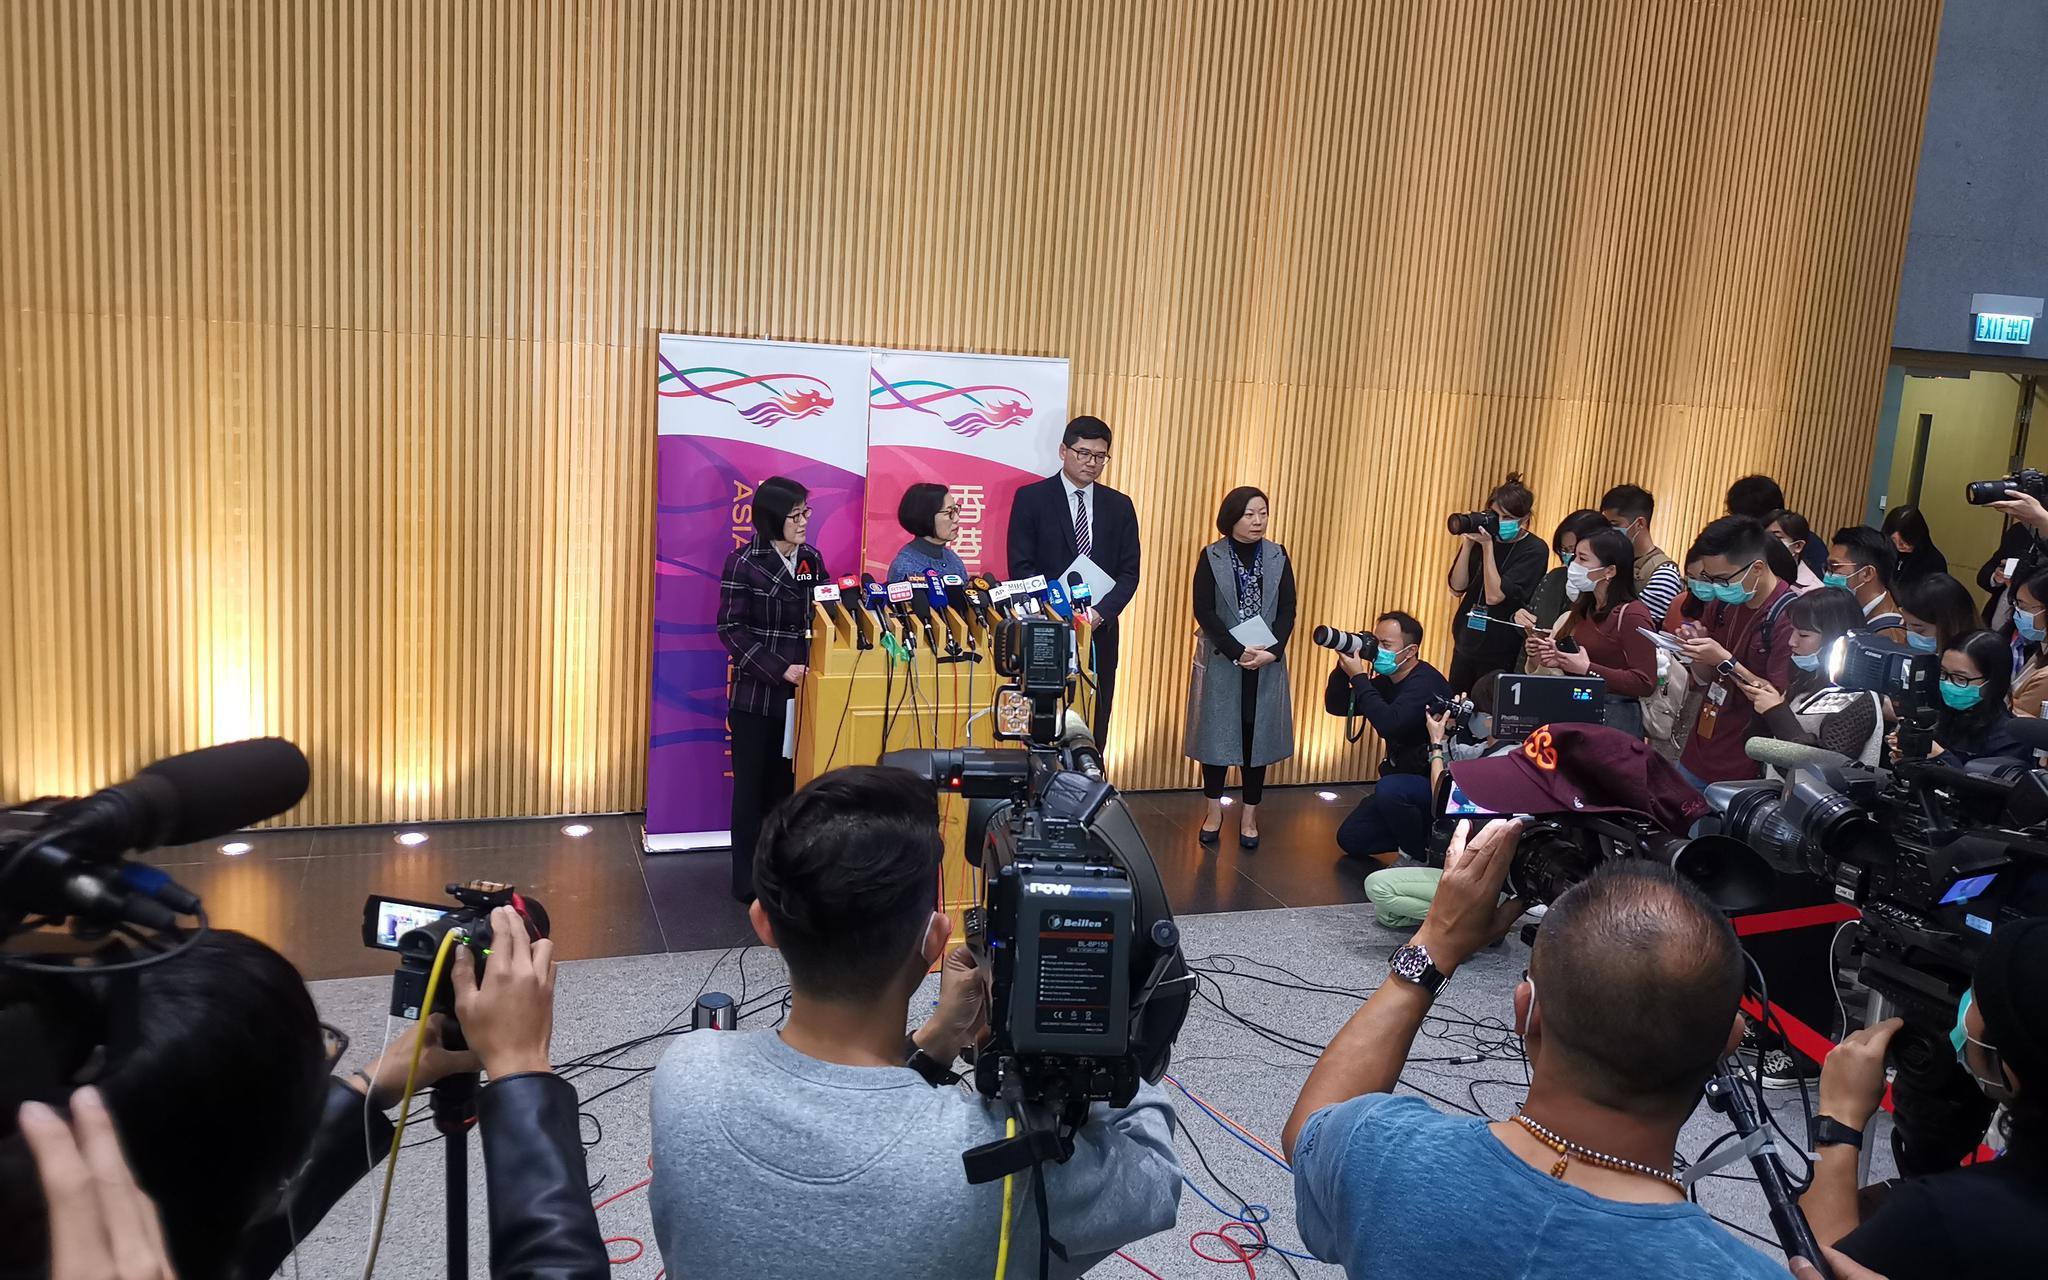 1月22日晚,香港召开新闻发布会介绍香港首宗高度怀疑新型冠状病毒感染个案情况。新京报记者 李玉坤 摄